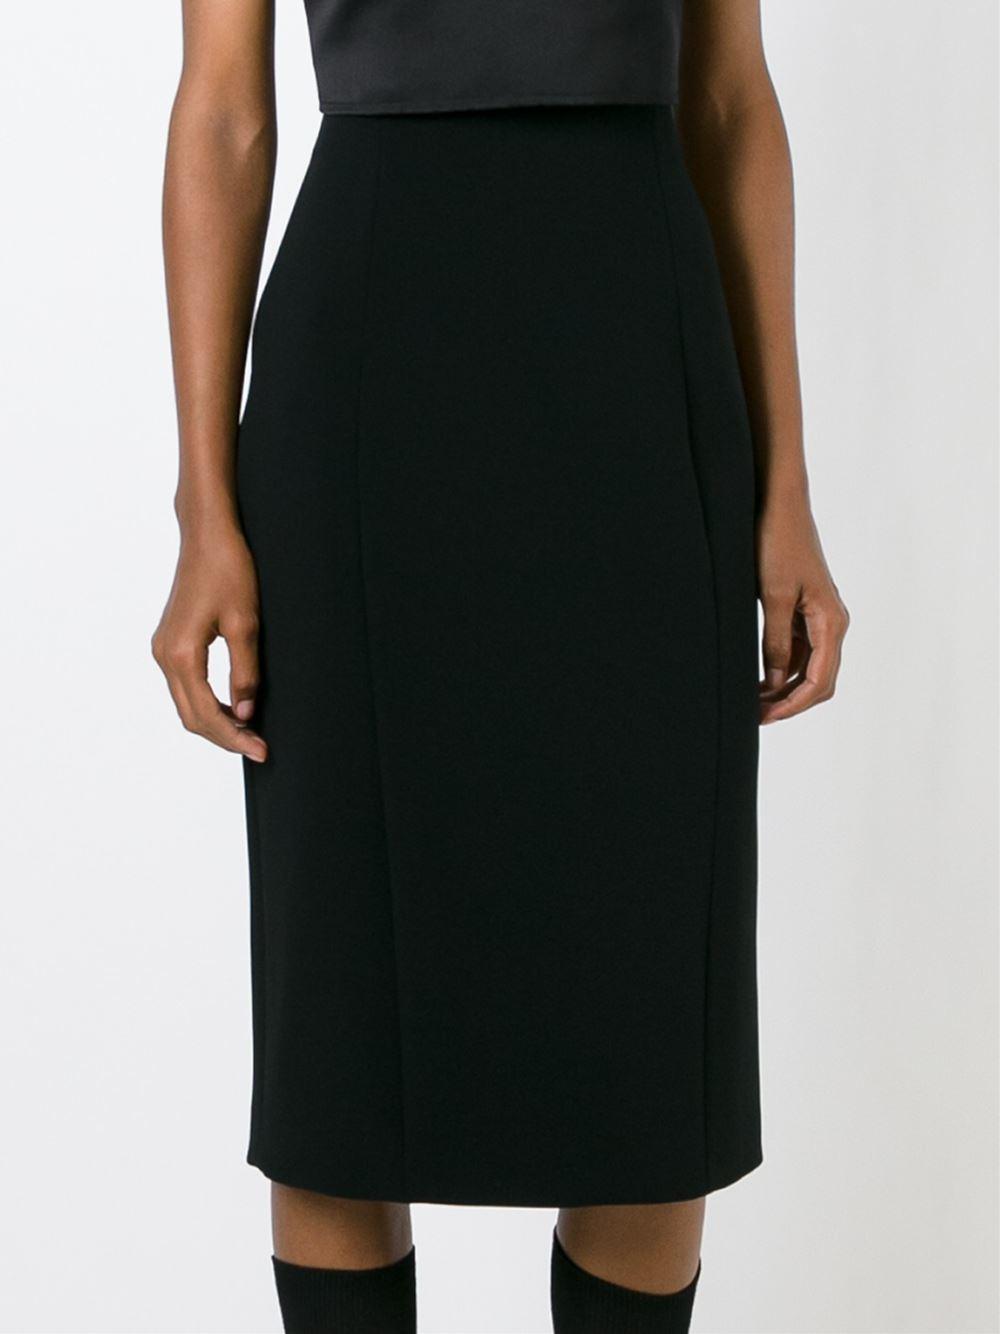 neil barrett midi pencil skirt in black lyst